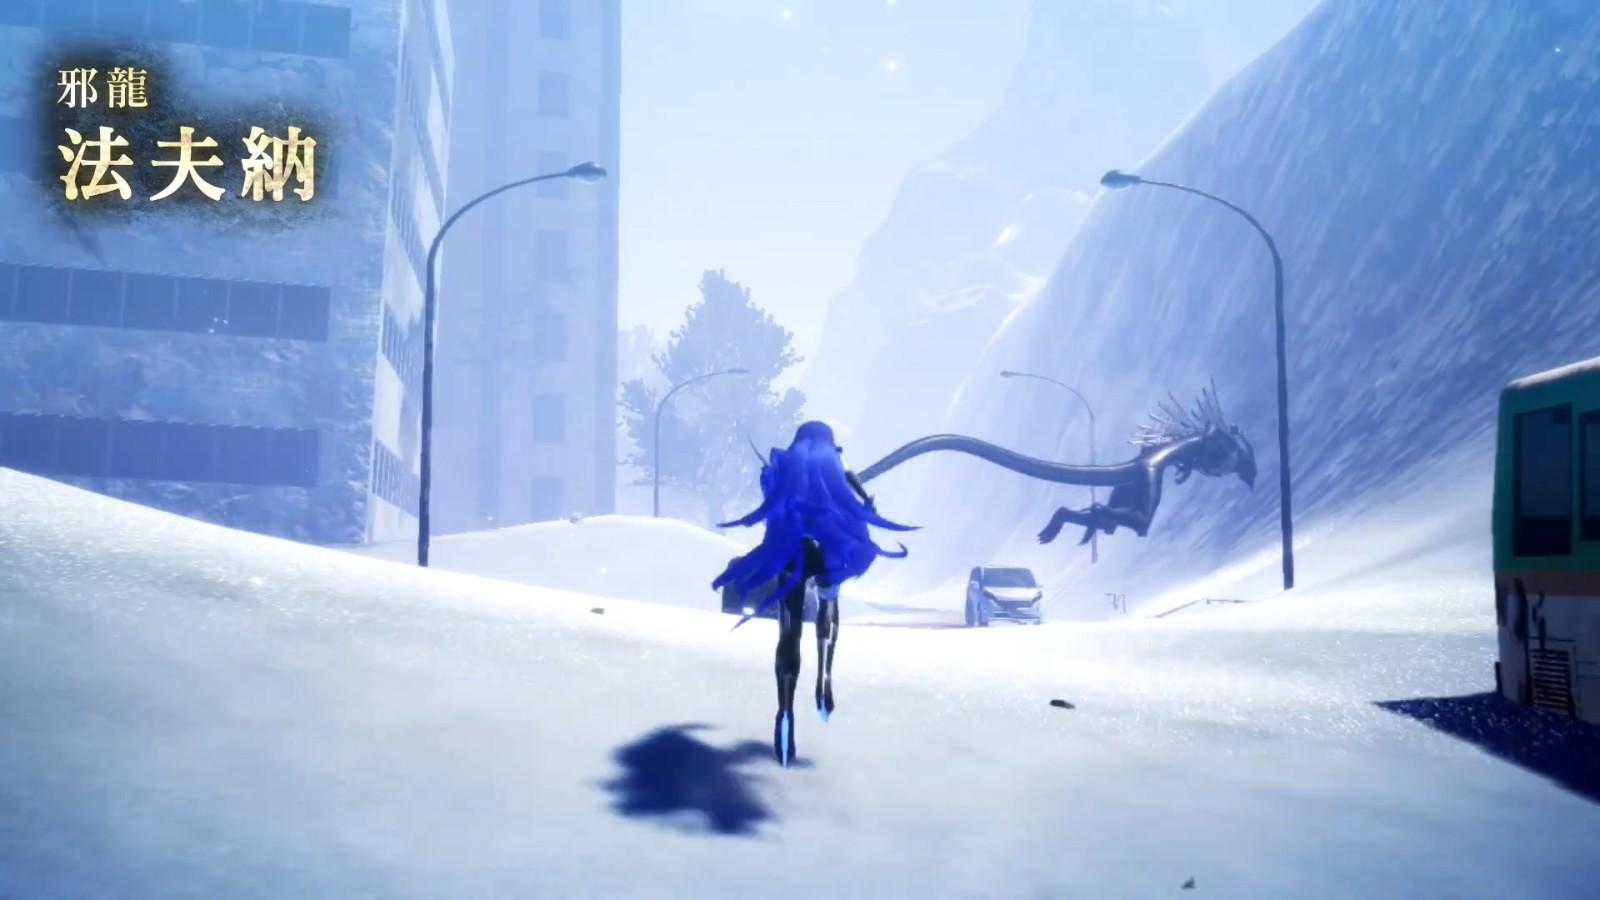 《真女神转生5》每日恶魔介绍:源起北欧的邪龙法夫纳